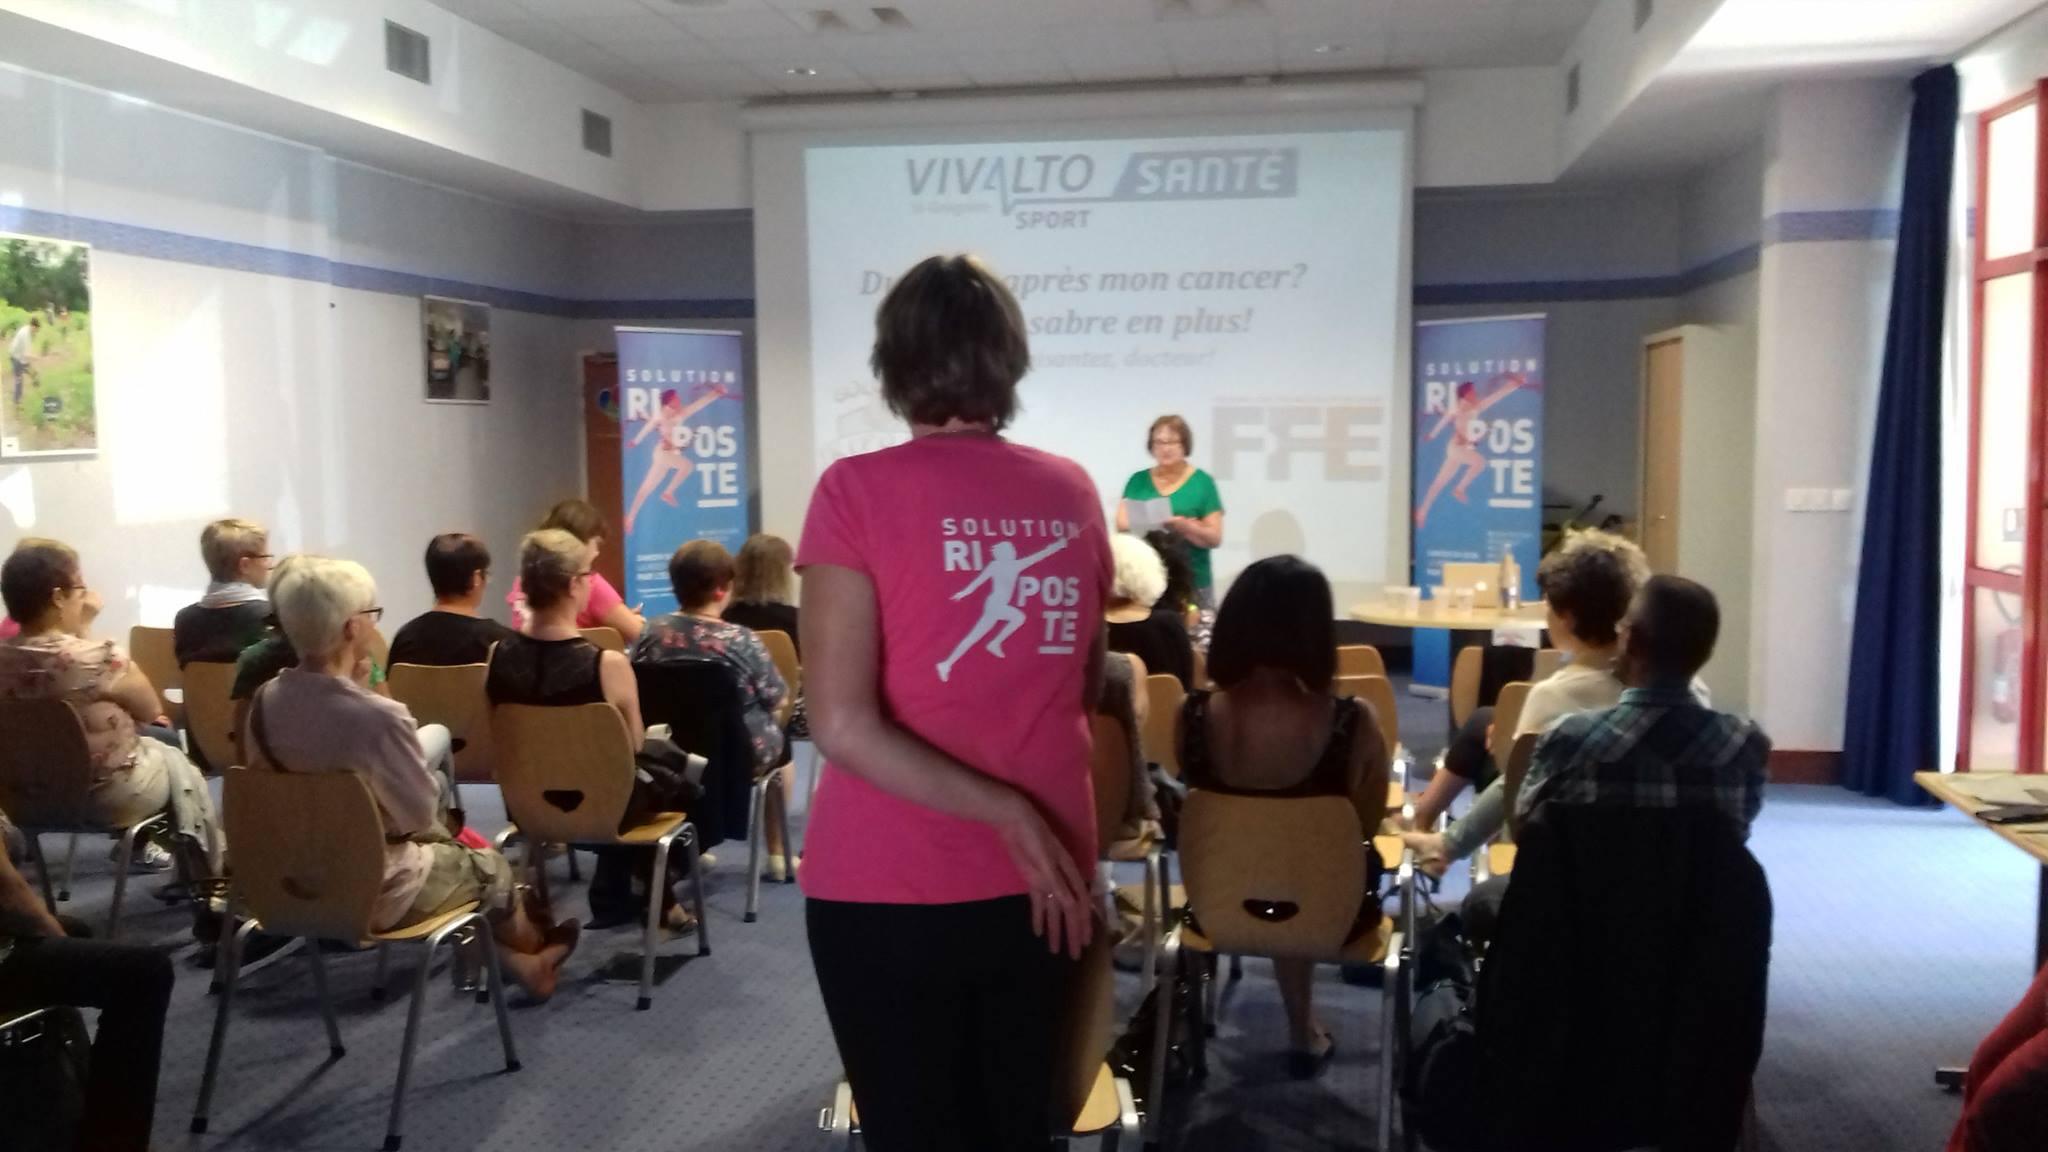 Présentation du programme Solution Riposte Bretagne à Redon